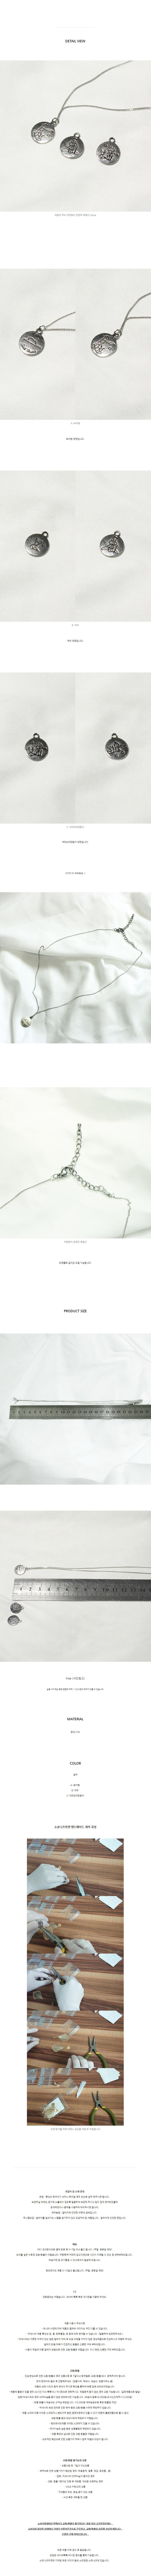 (제작) 데일리 무드 어린 왕자 은엔틱 목걸이 3type - 소유니즈마켓, 13,300원, 실버, 펜던트목걸이